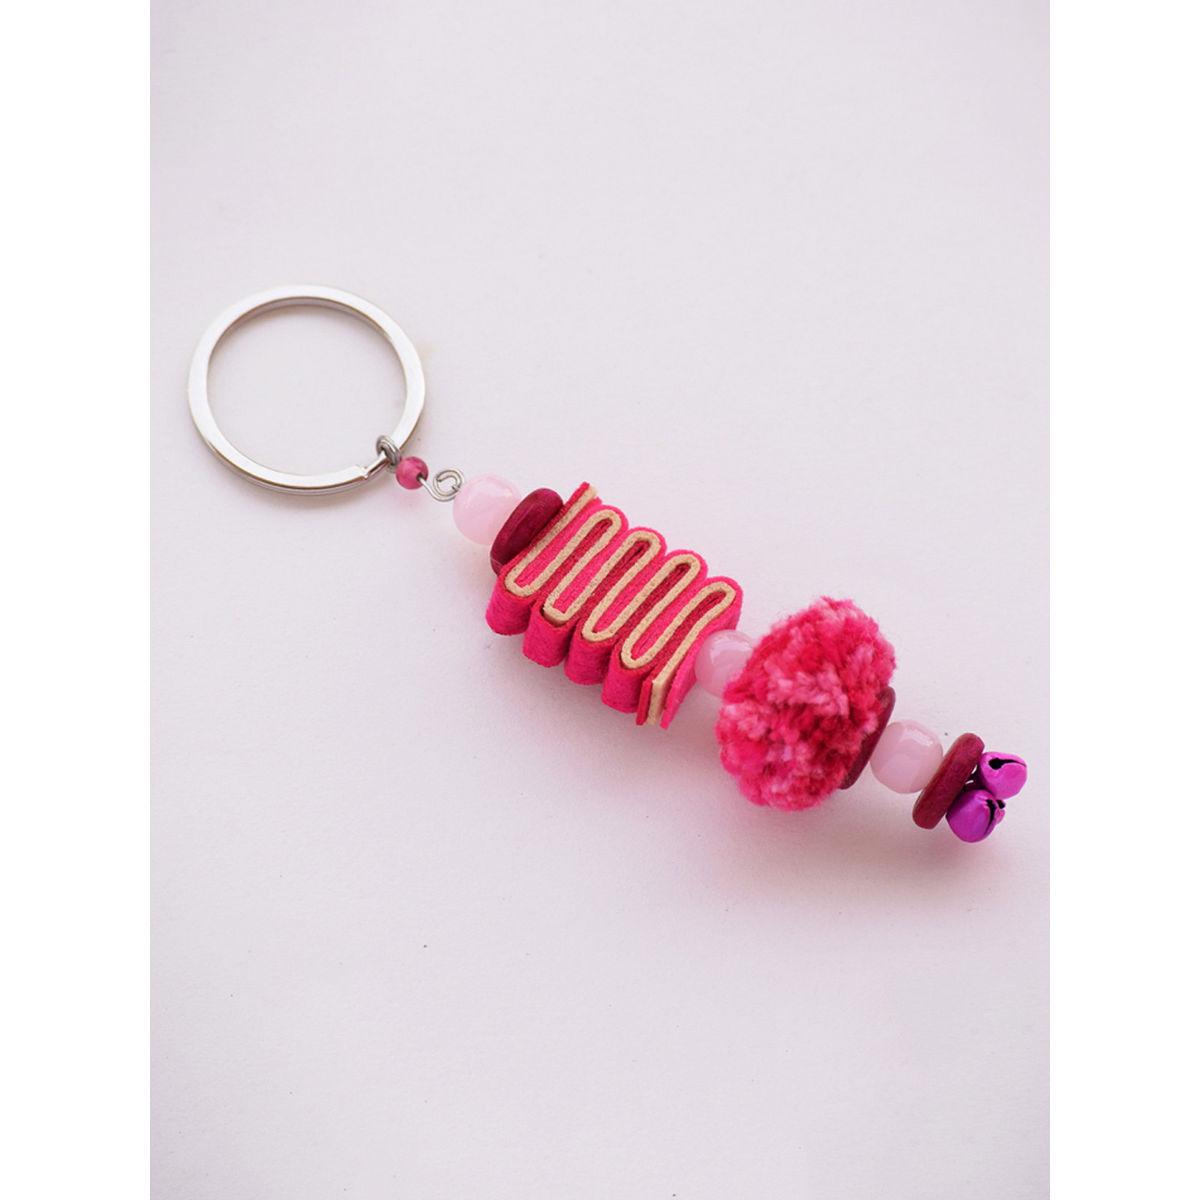 Caterpillar Keychain - Pink